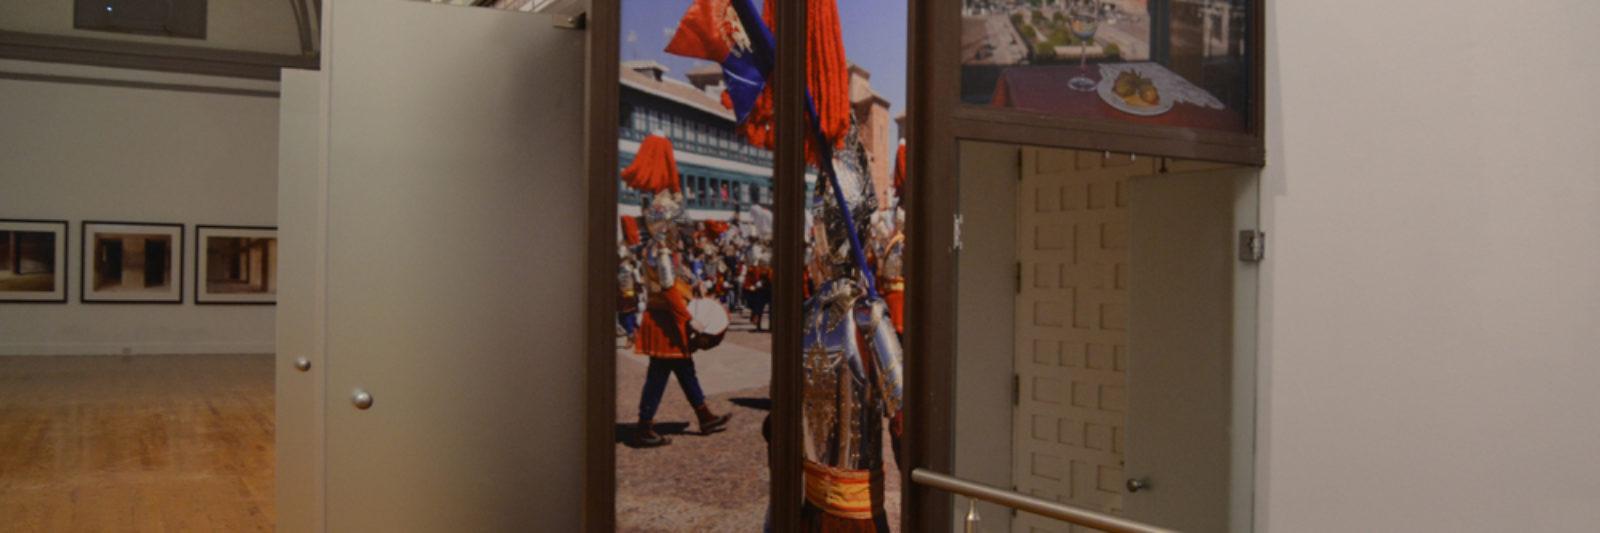 Nueva Oficina de Turismo en Almagro